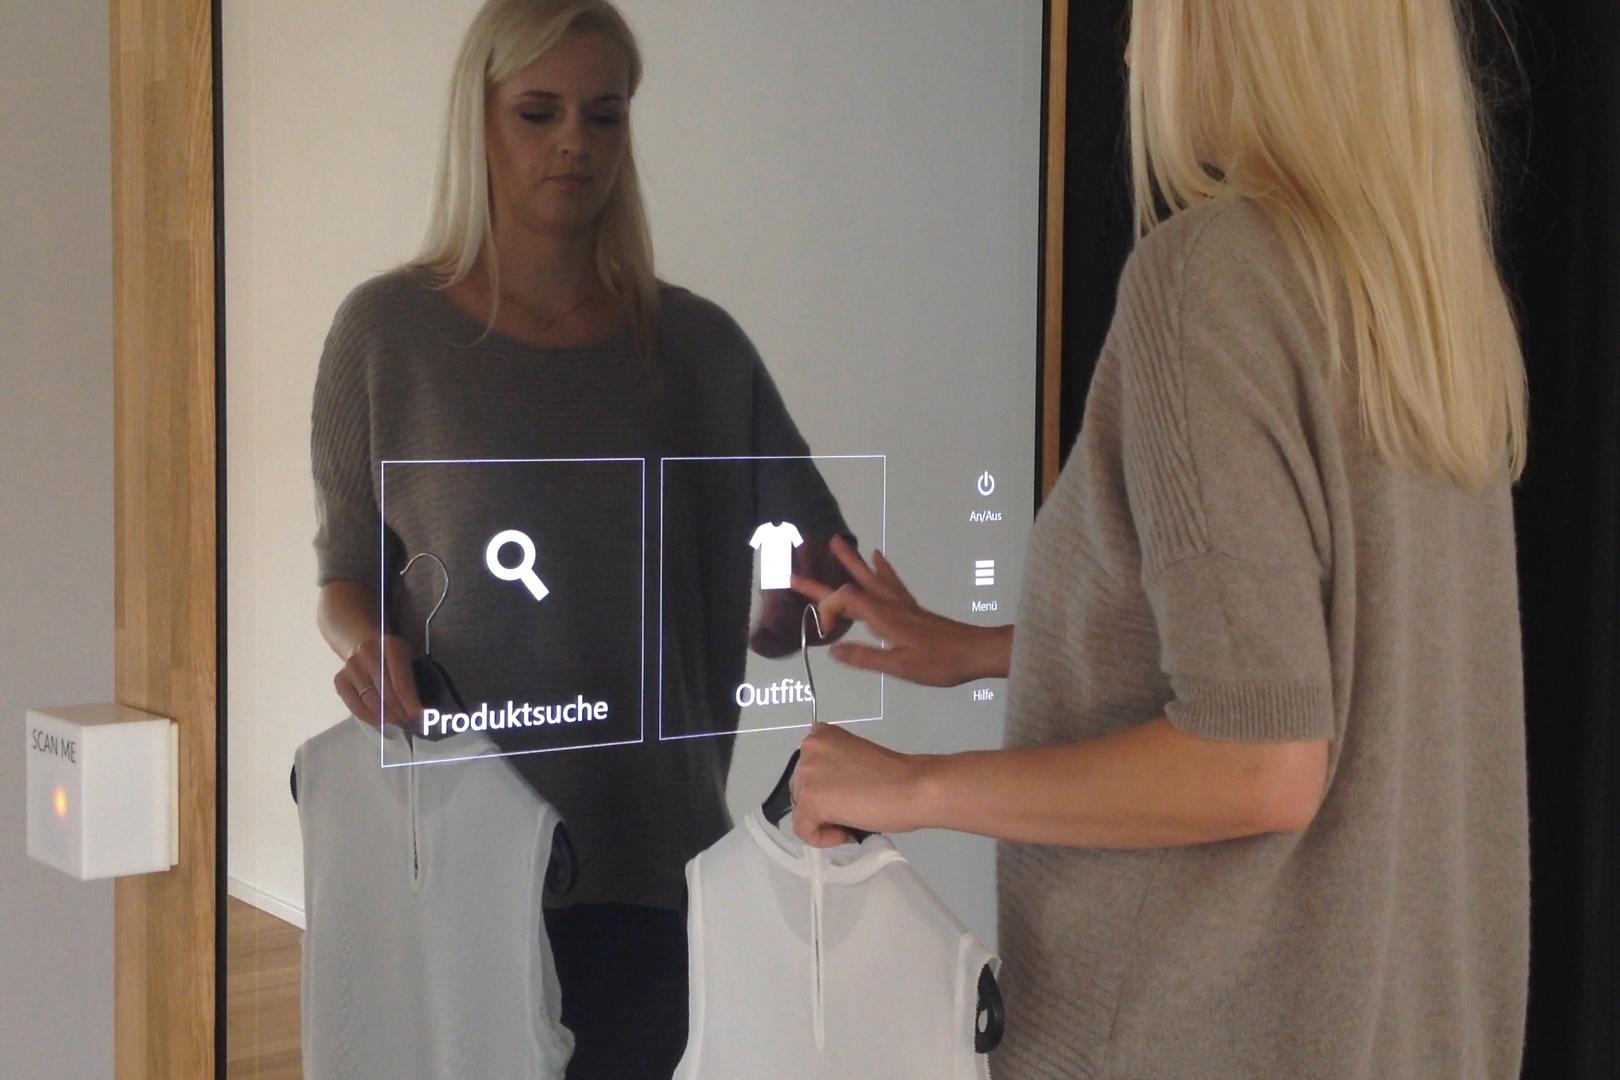 Vorschaubild für ein Video zum Interactive Fitting Room